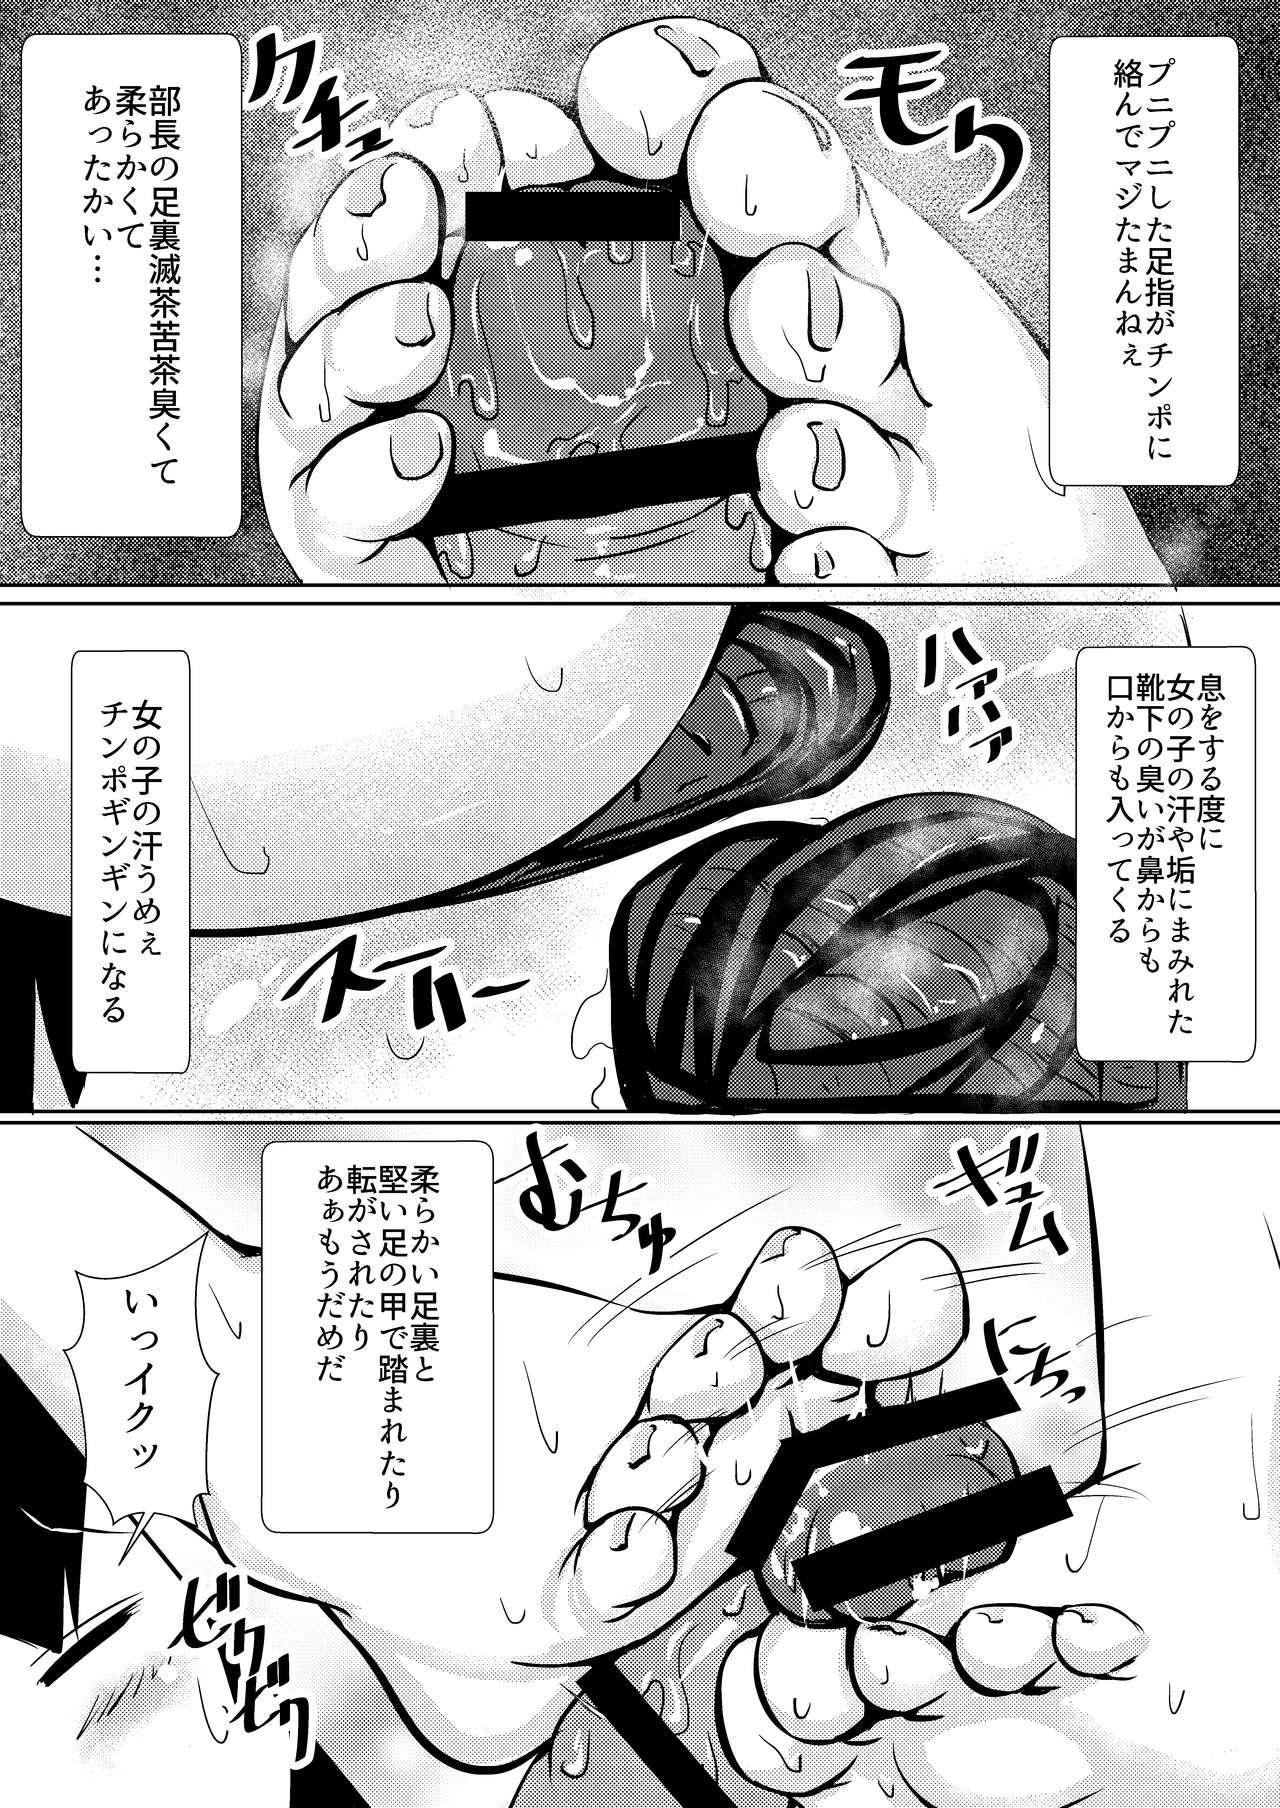 Ashiura Maniacs Vol.1 9